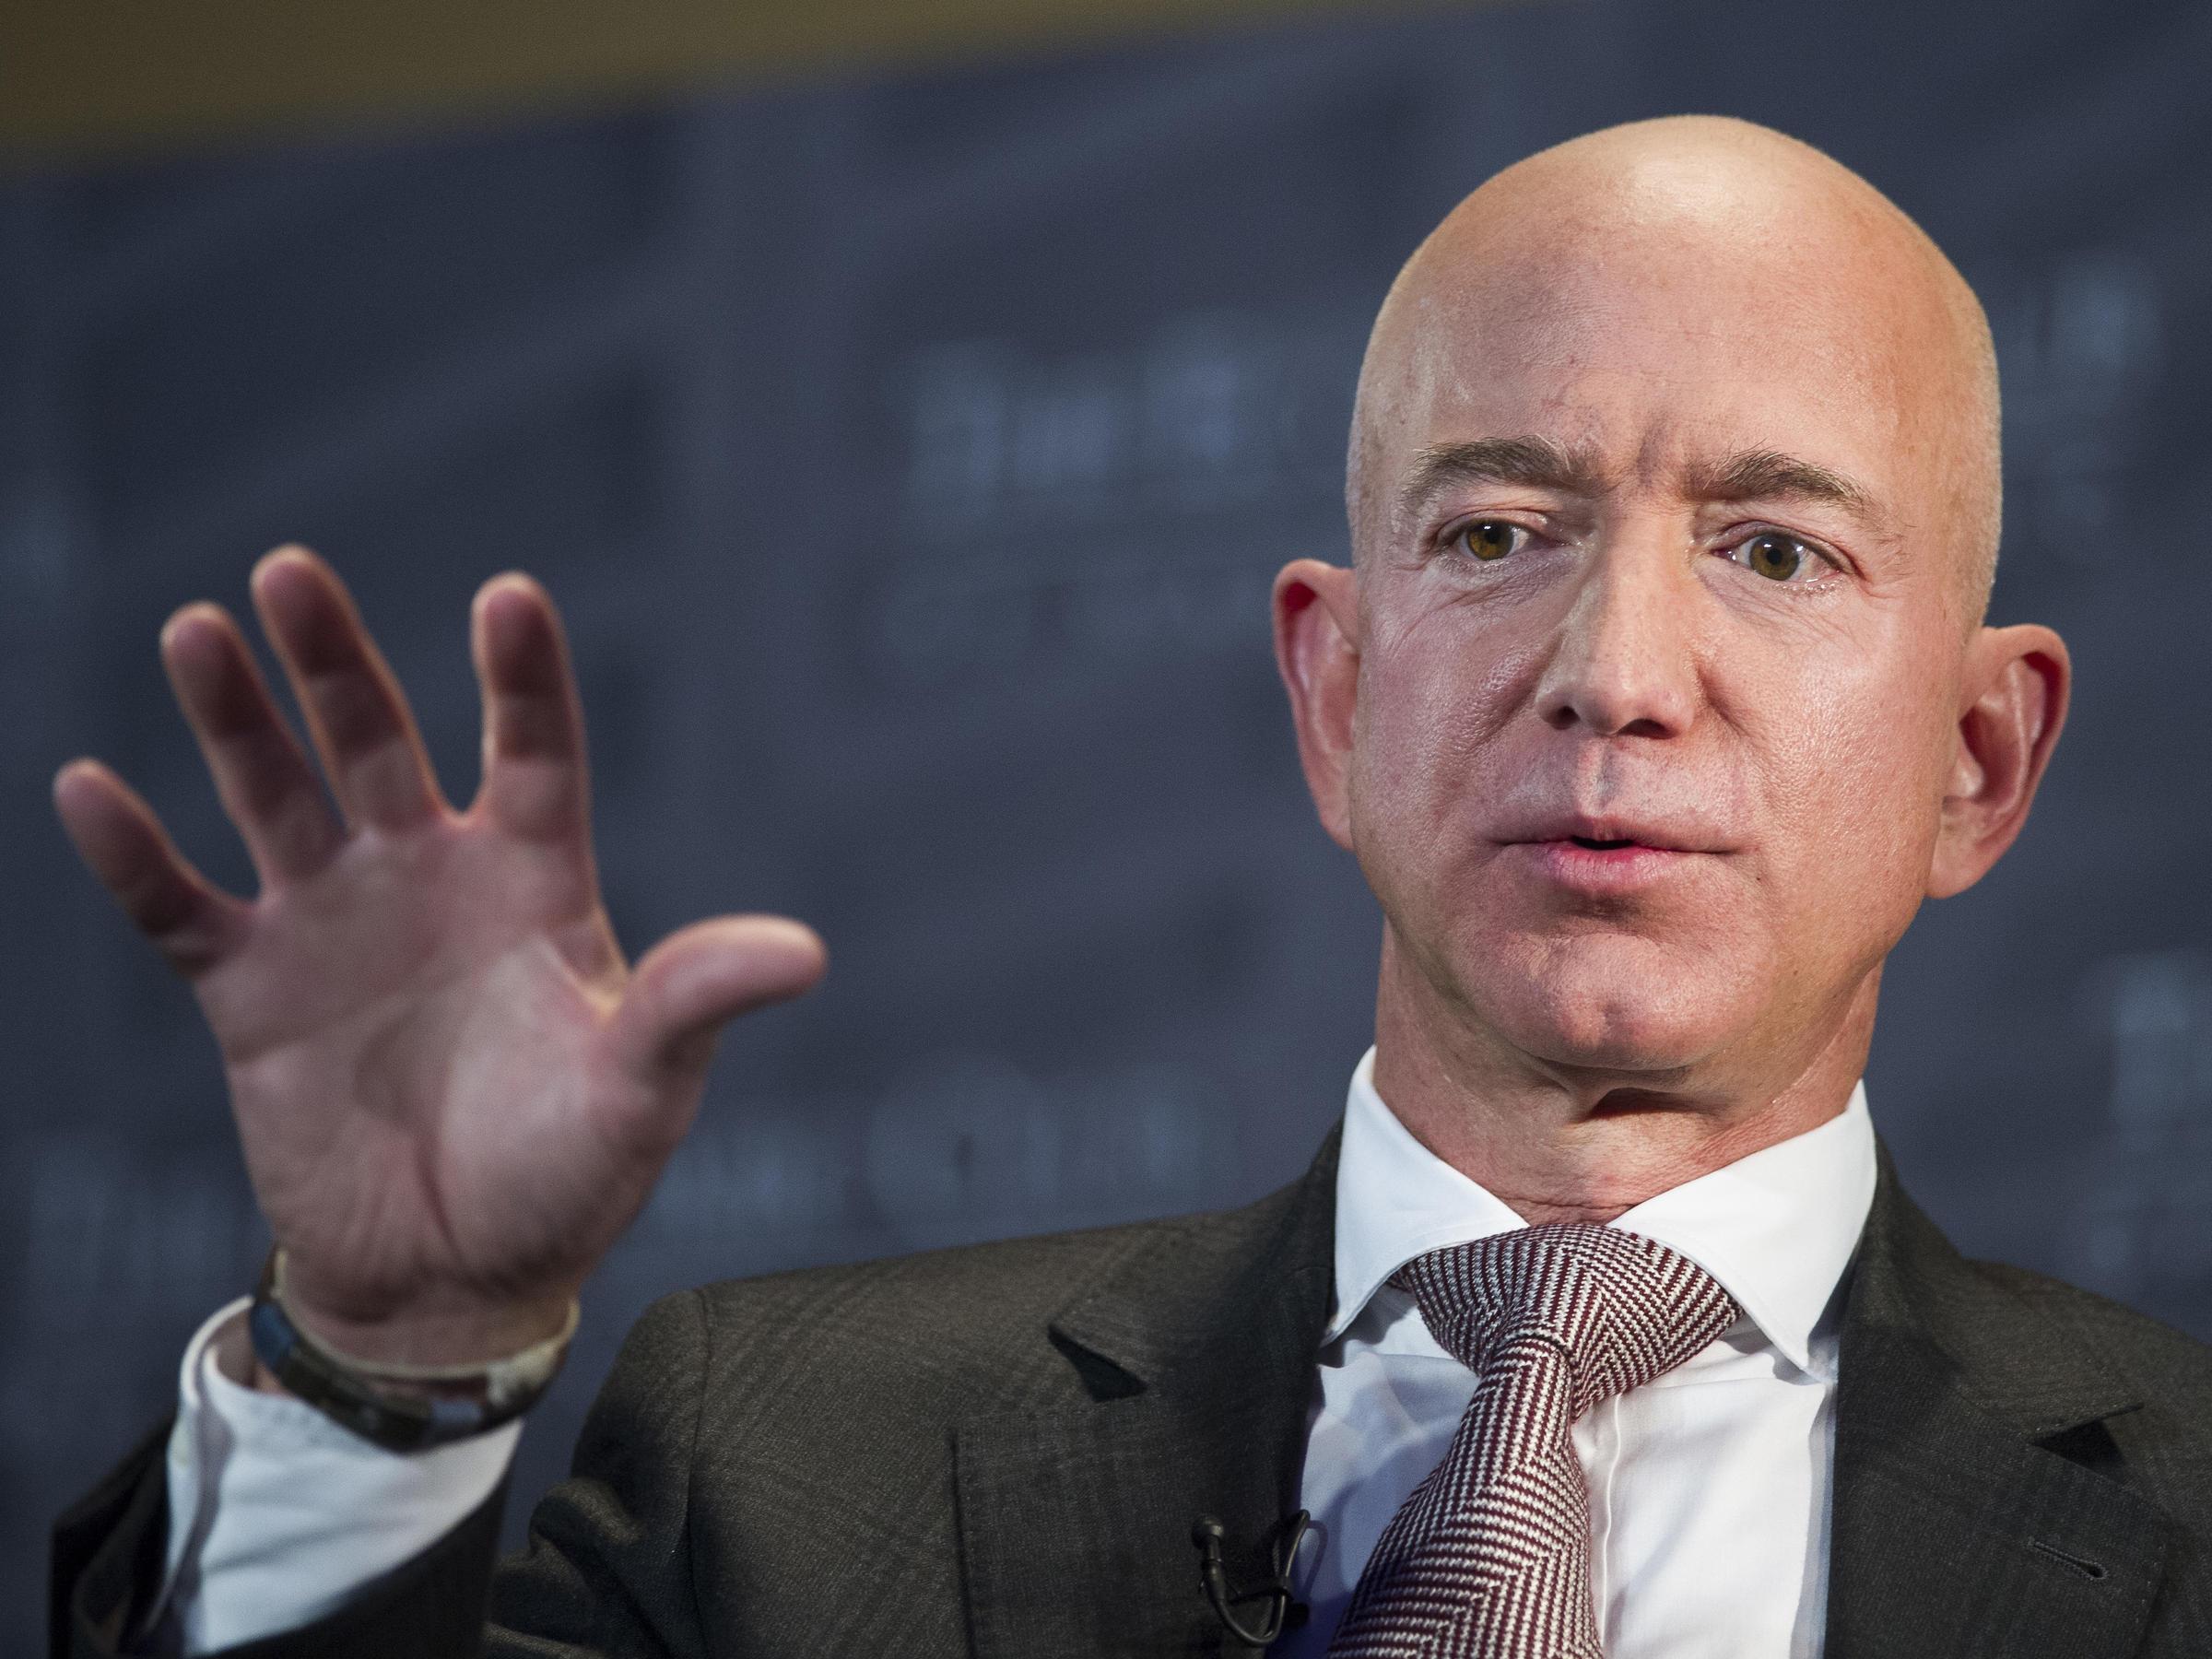 U.N. Experts Urge Probe Of Reported Hacking Of Jeff Bezos' Phone By Saudi Arabia